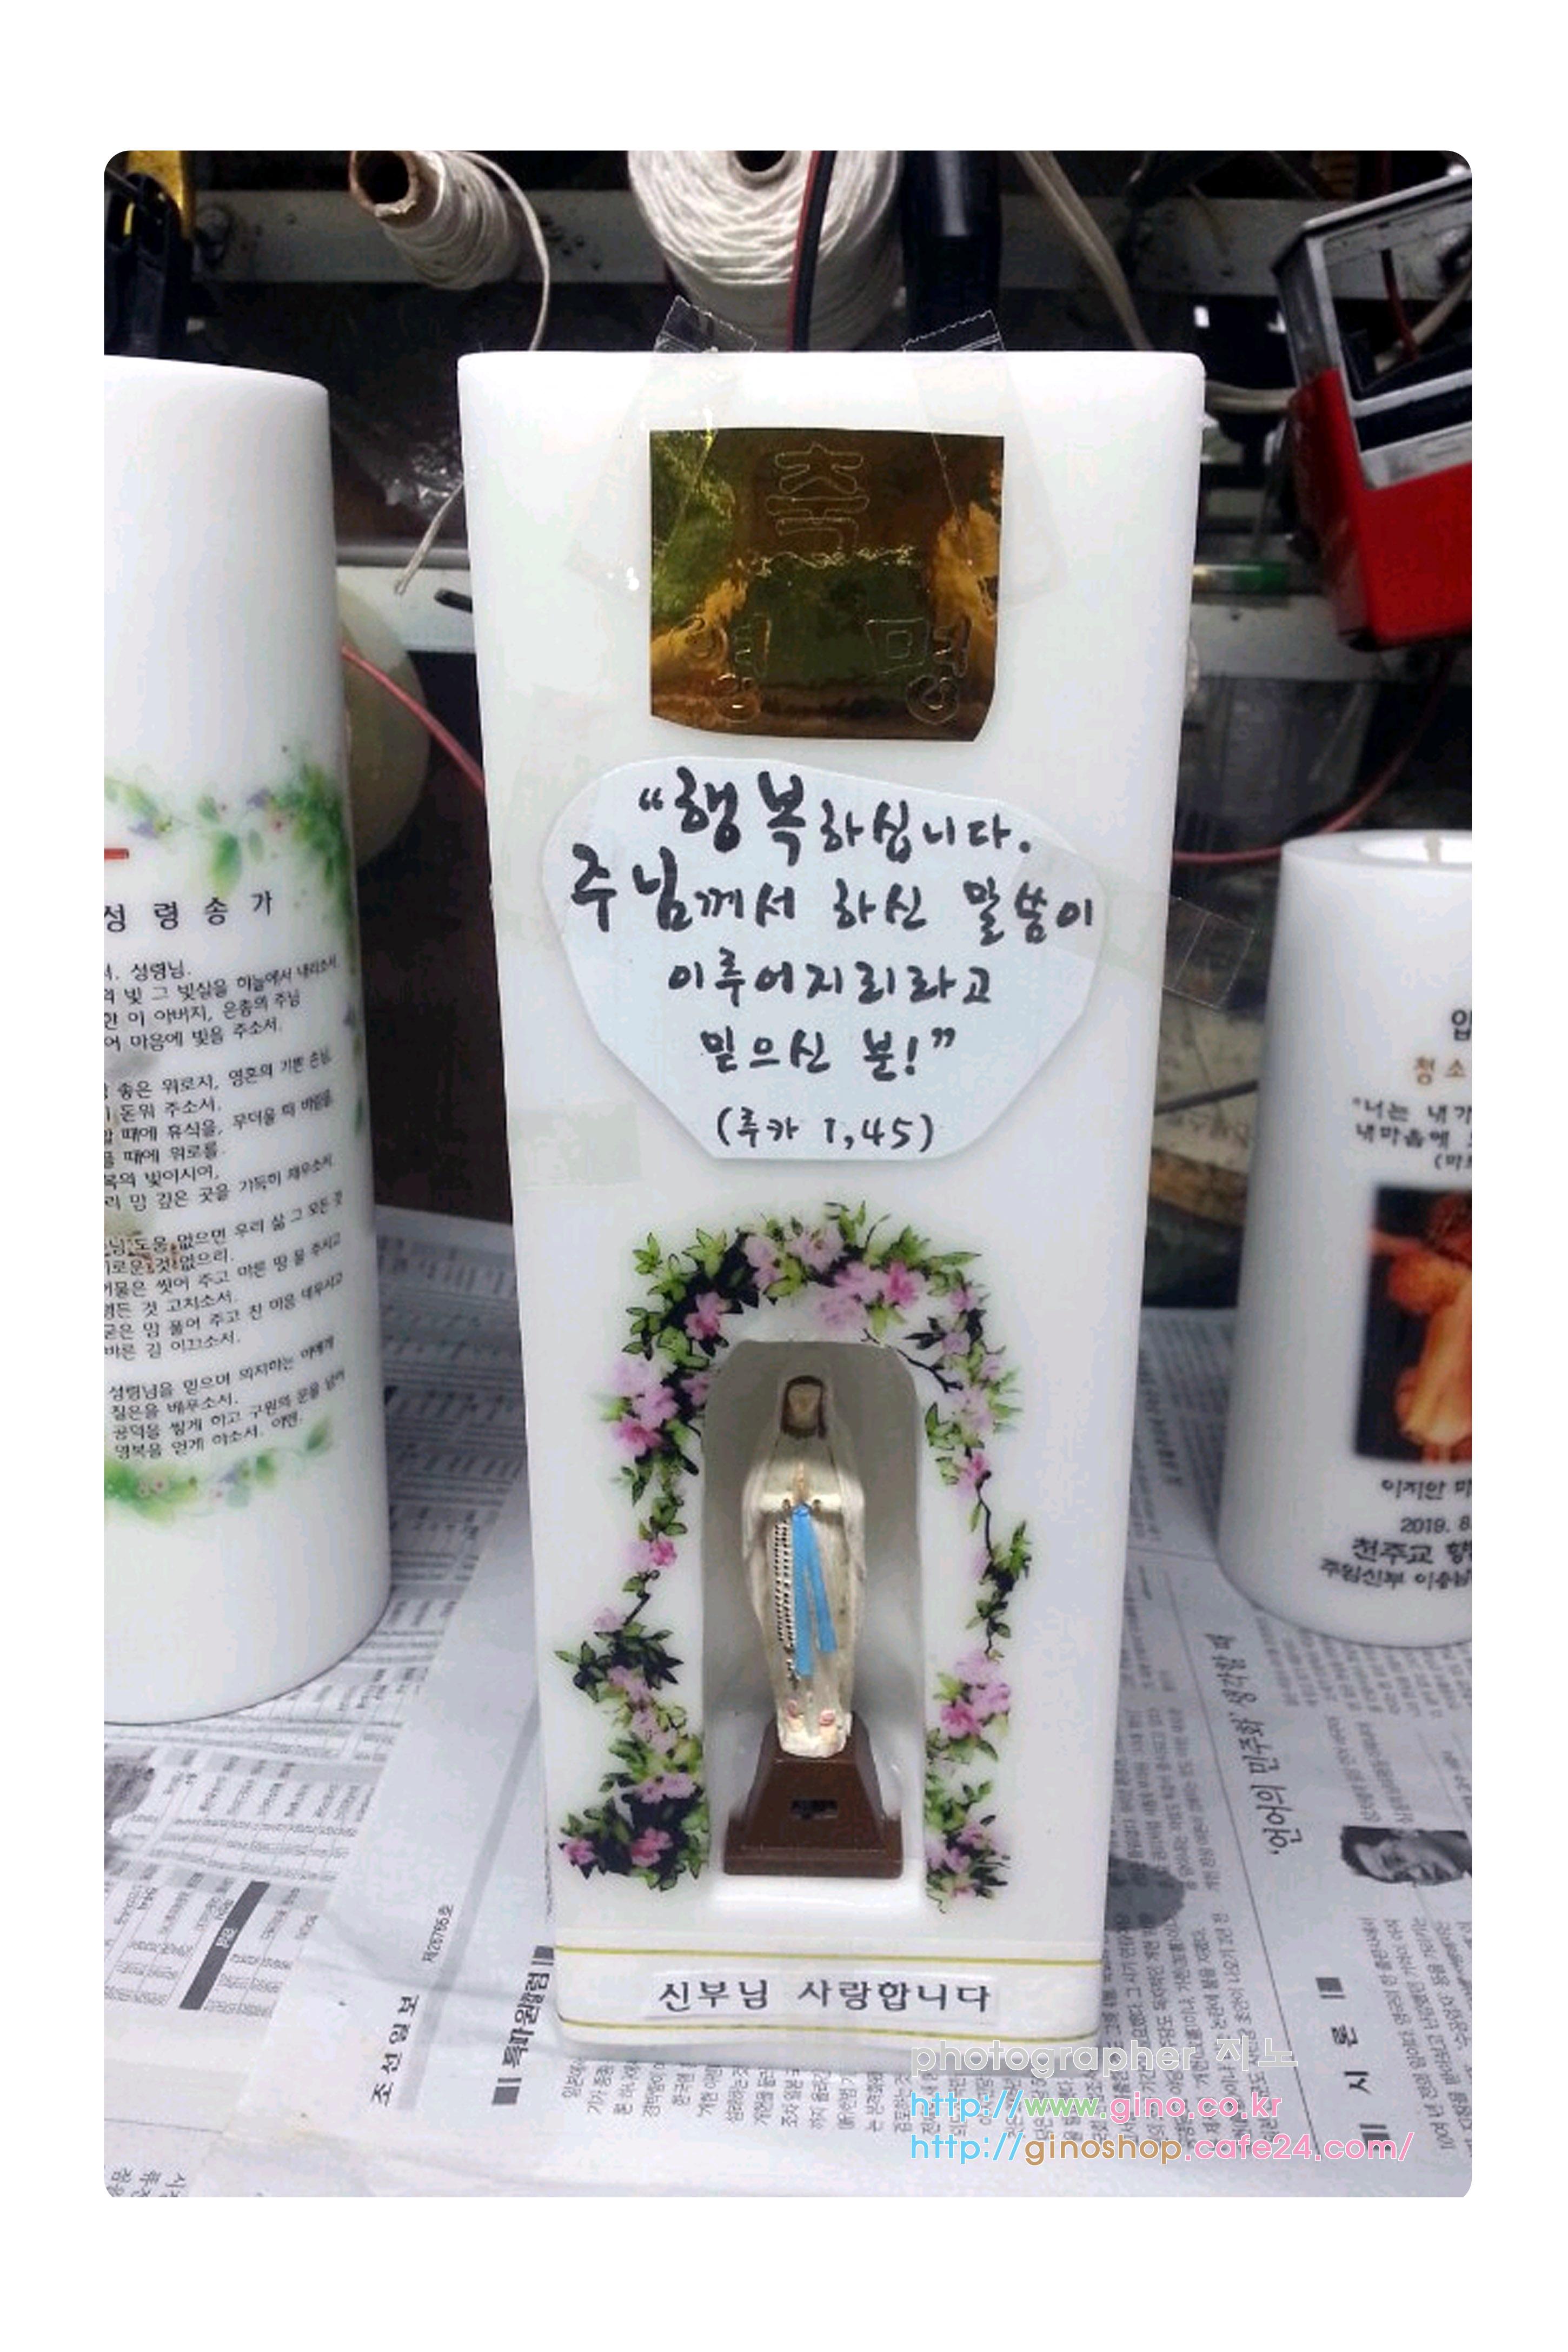 인천교구 원당동성당 영명축일 성모 led 캔들 종이 시안